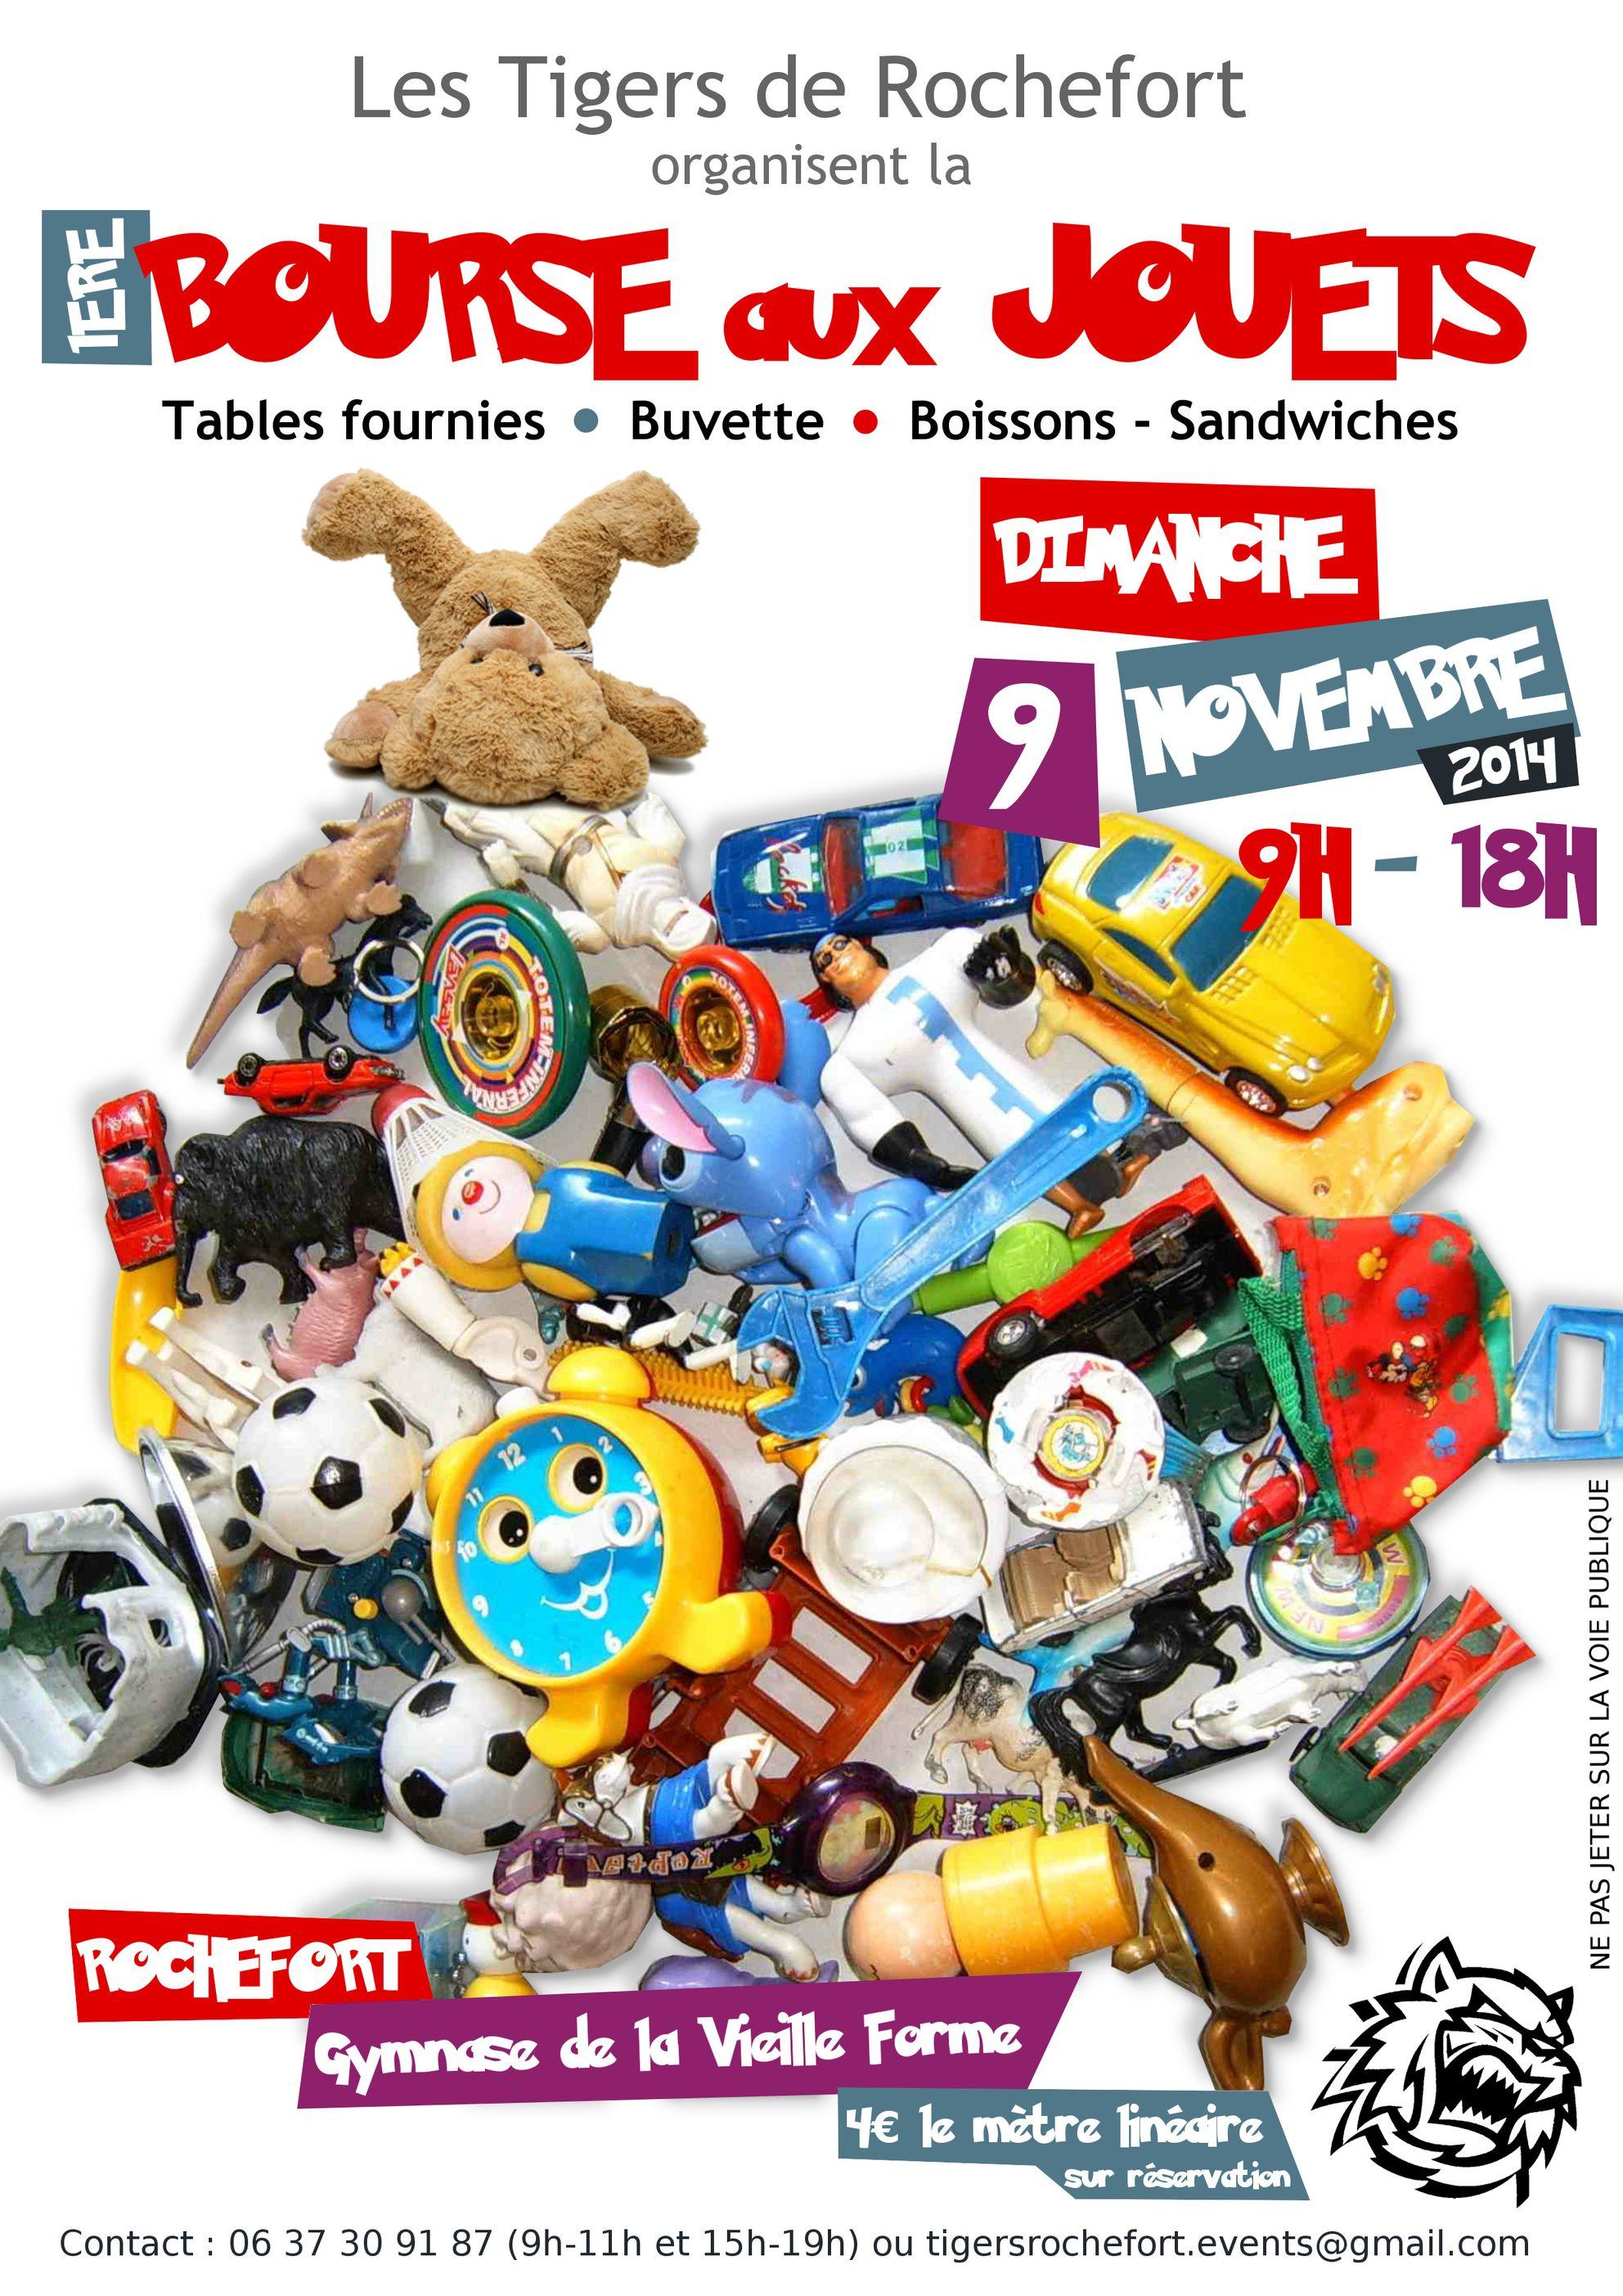 La bourse aux jouets des Tigers - Tigers Rochefort ff50d5475e5c